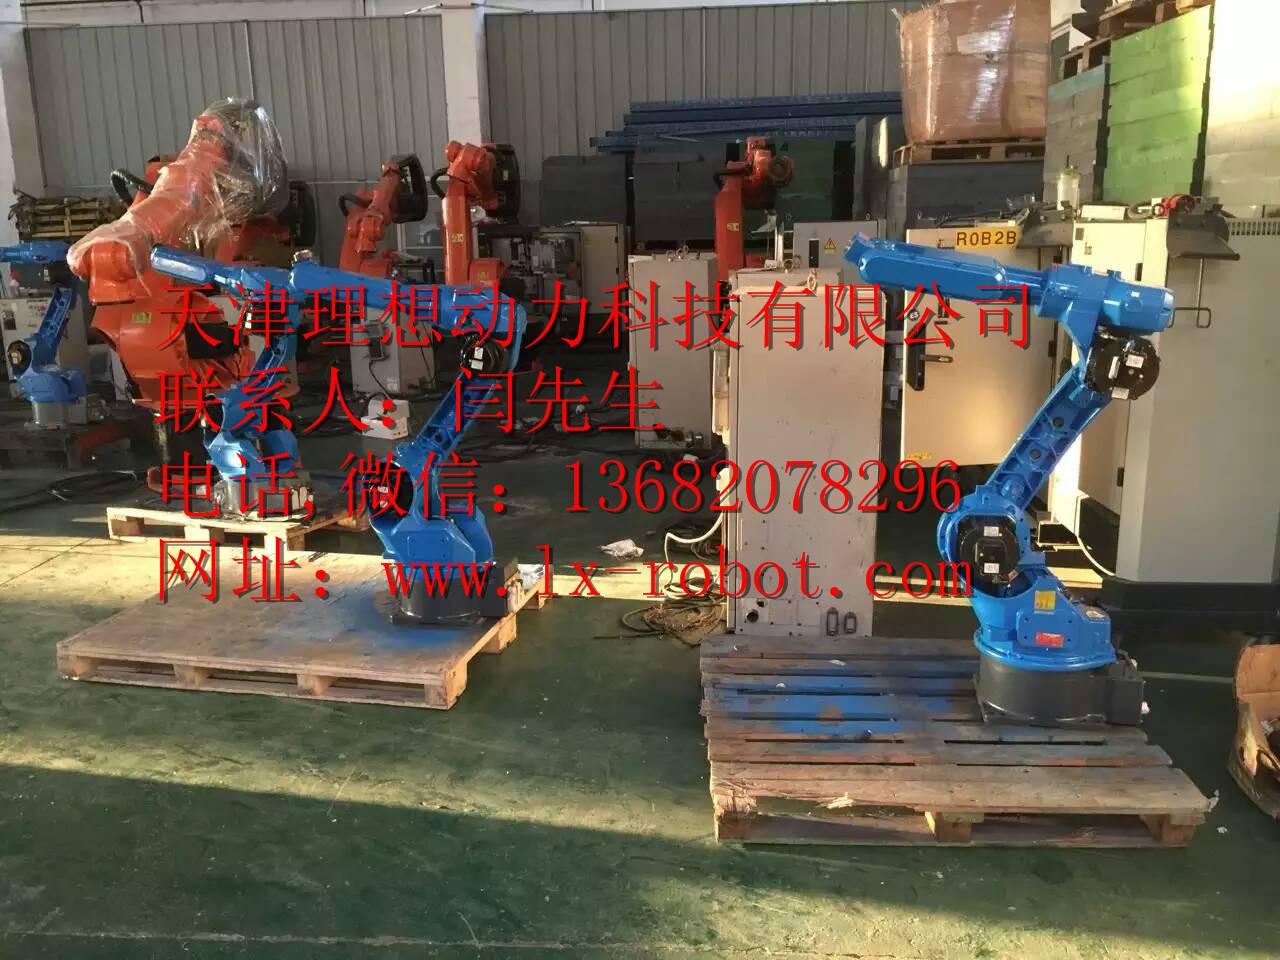 菏泽市叶轮点焊机器人维护保养 机床上下料 二手点焊工业机器人,六关节点焊机器人,进口机械手,自动点焊机,全自动点焊机器人